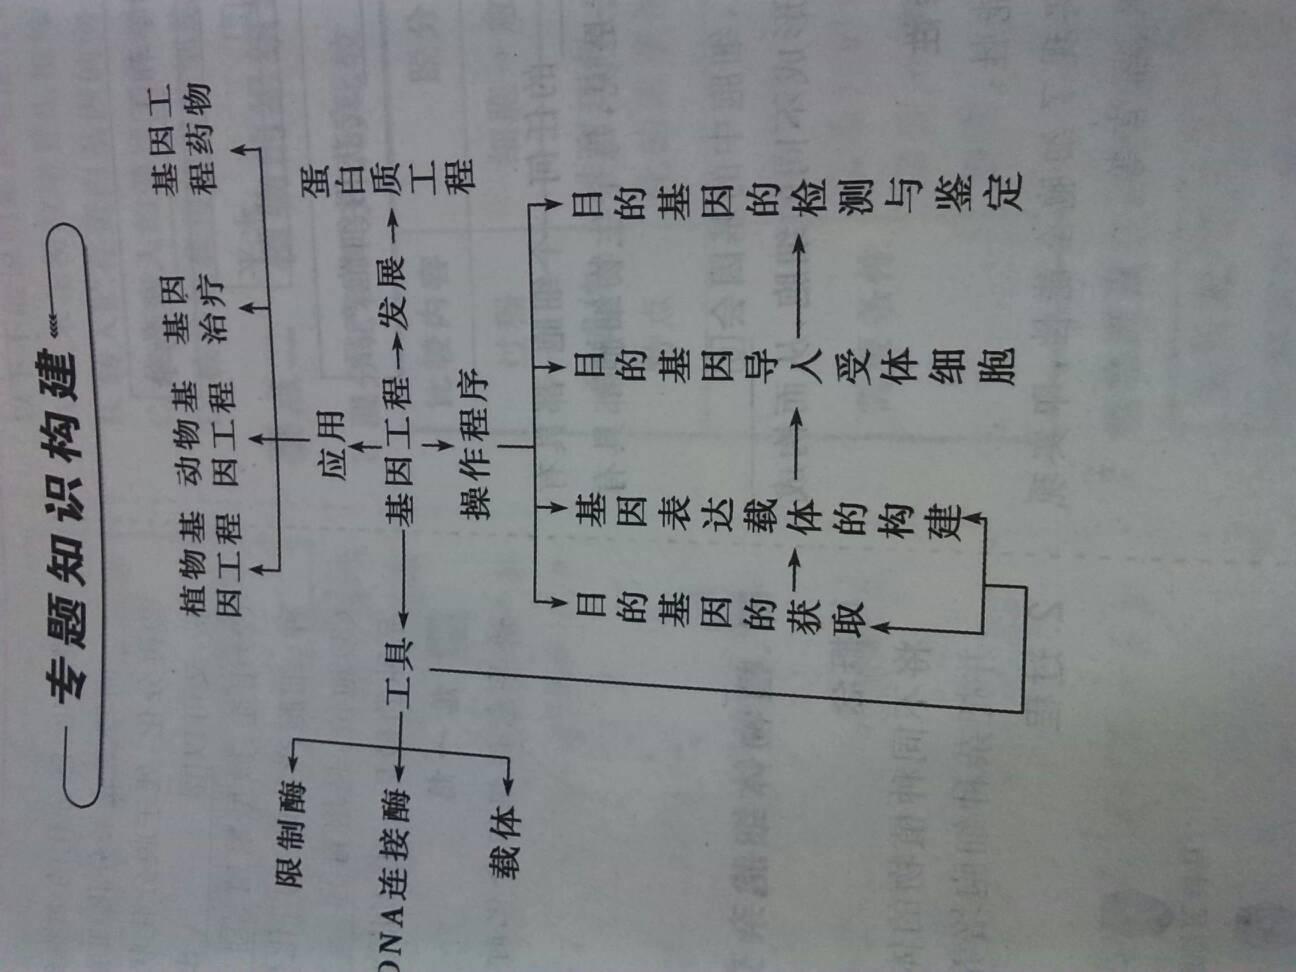 高中人教专题版选修三知识一基因工程生物美女啪啪虚啪高中被框图图片